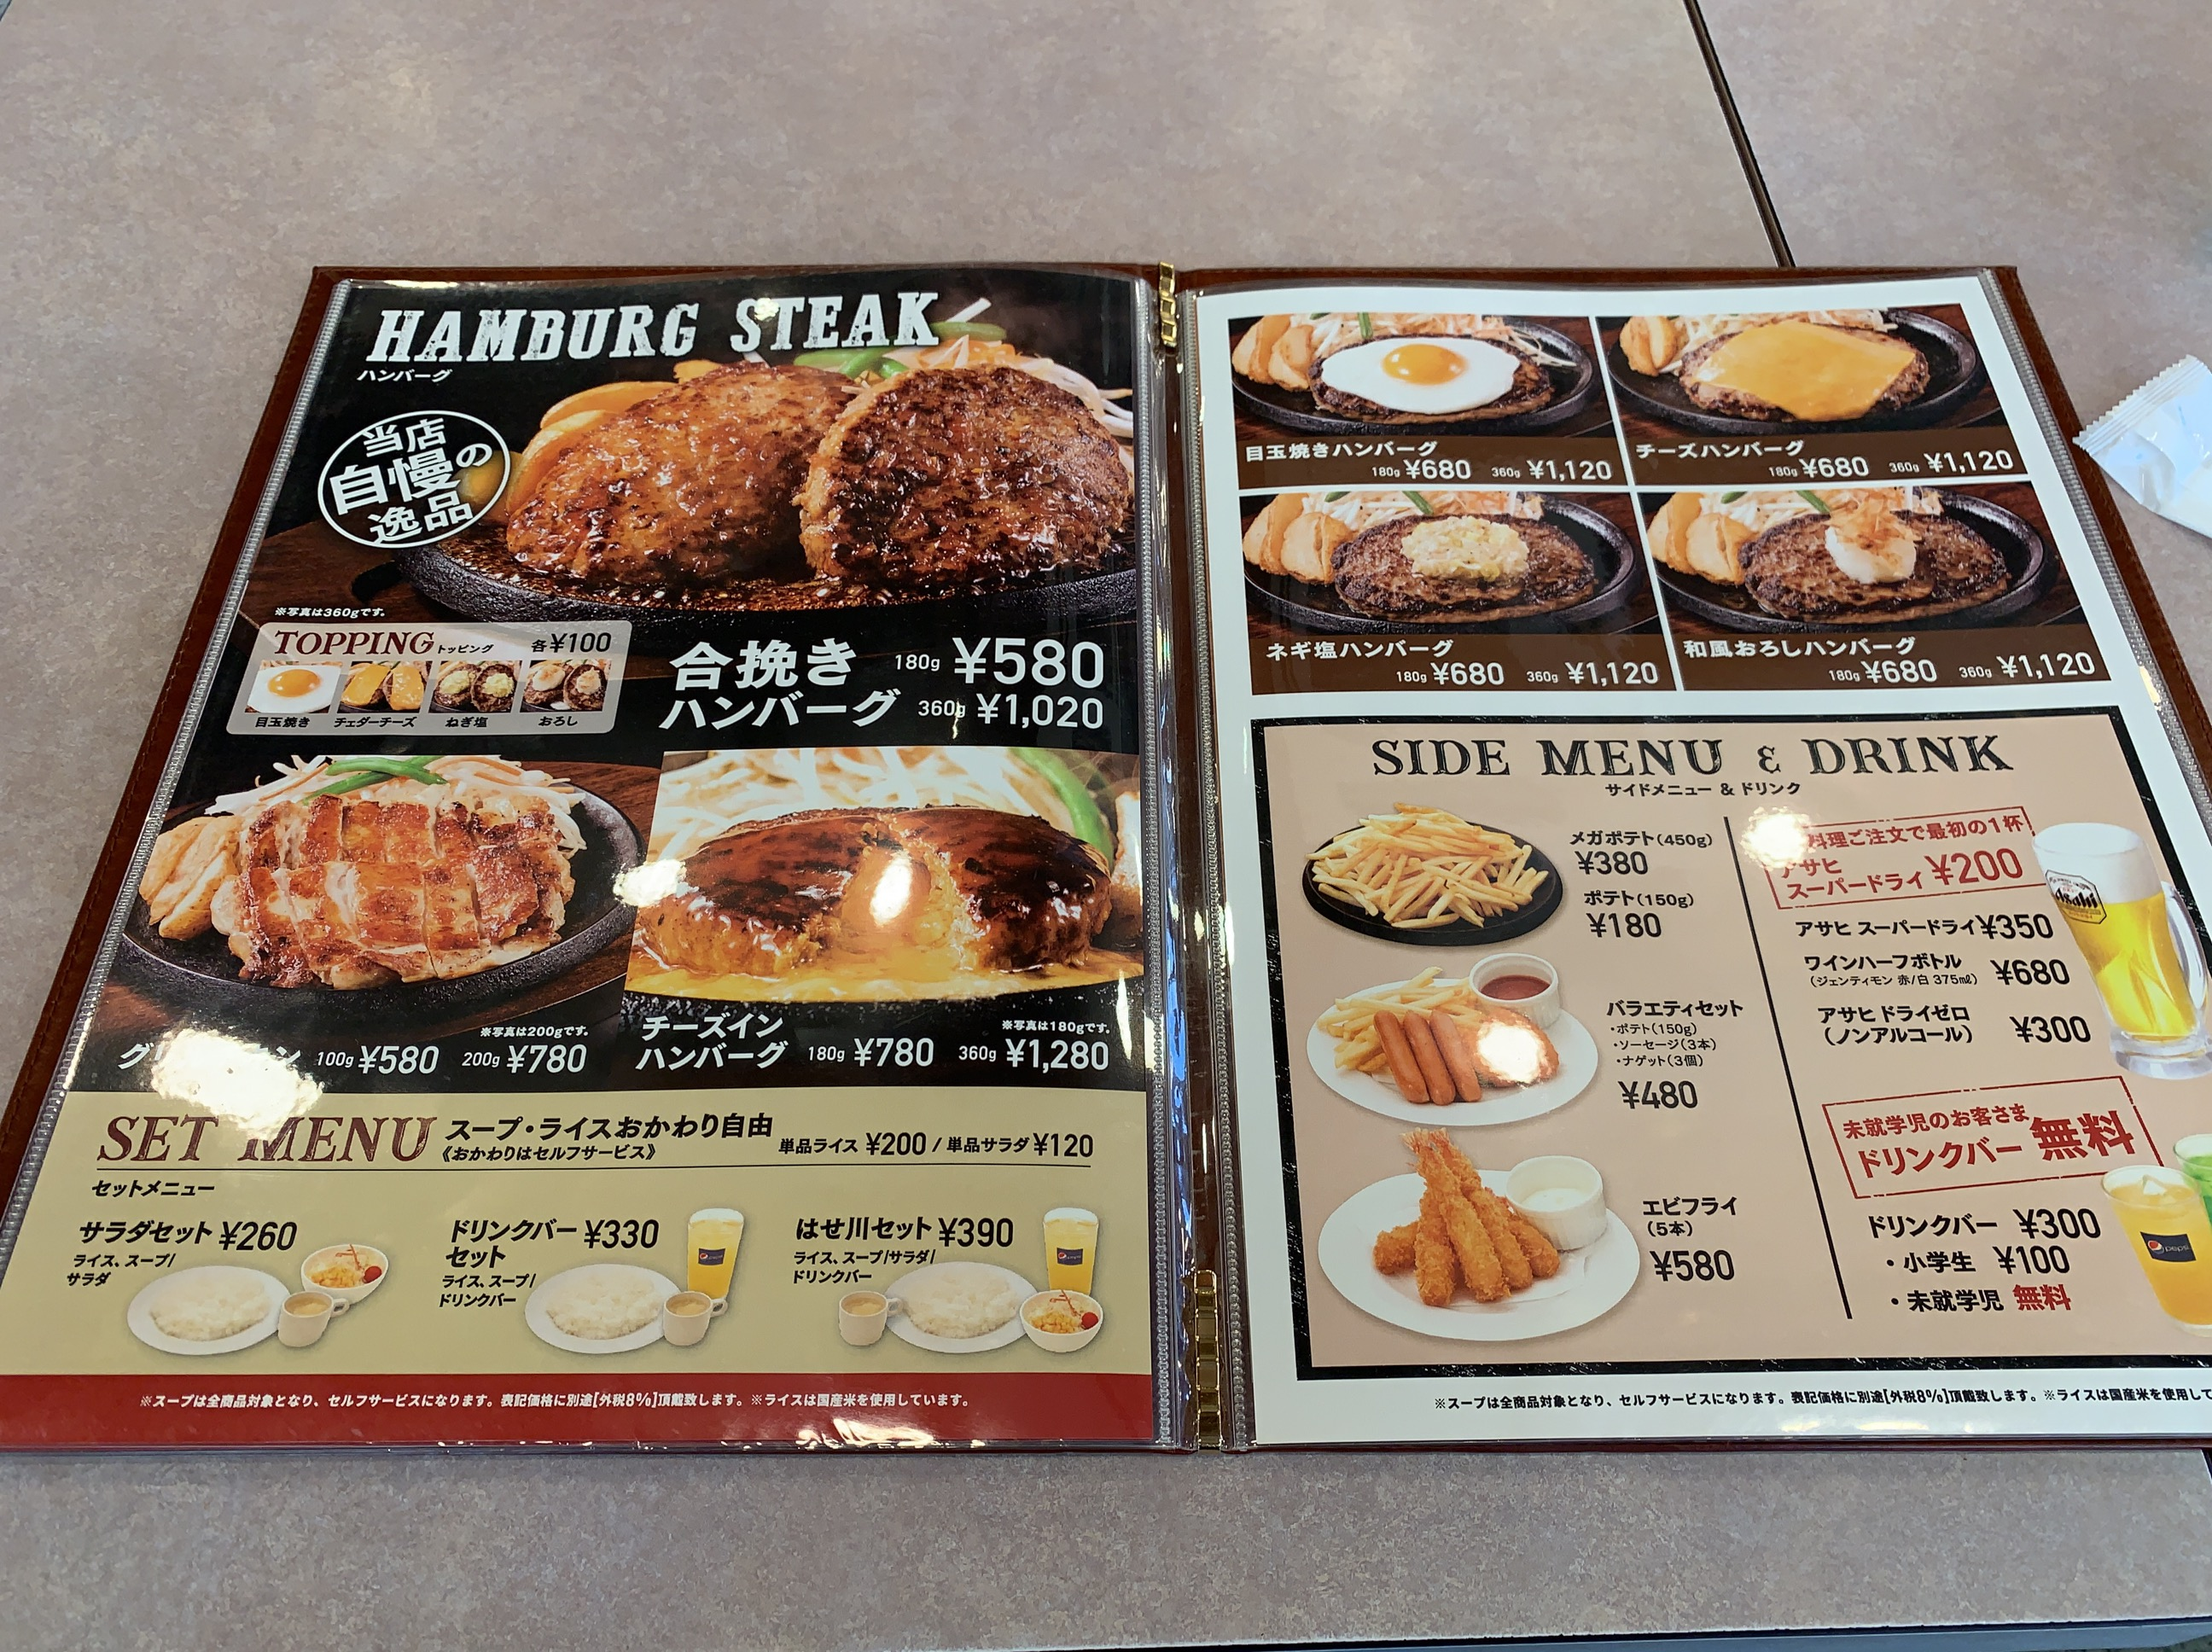 【上尾市 新店】肉のはせ川上尾店にいってきた!ごはんおかわり無料が魅力的!